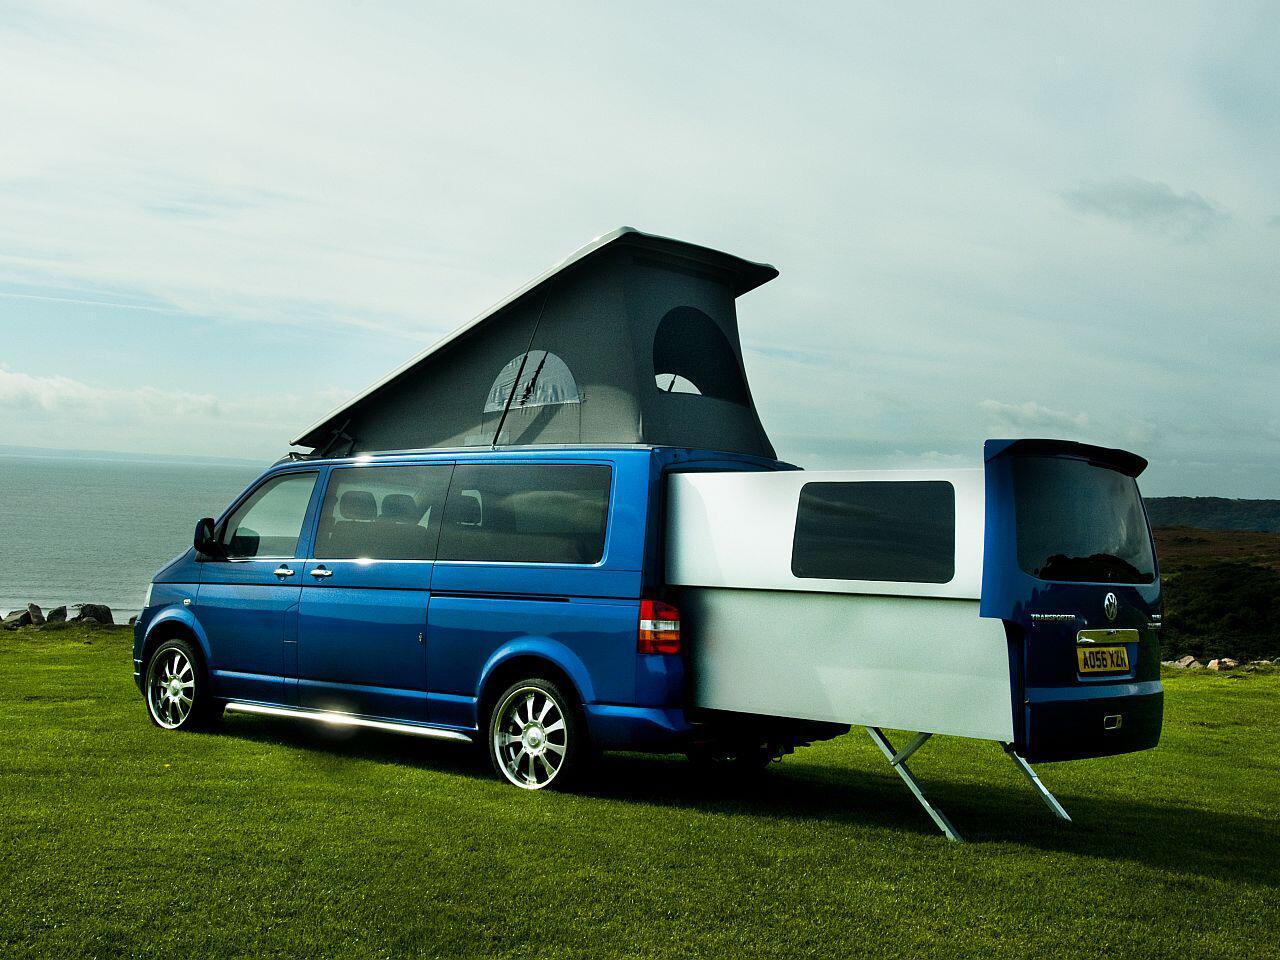 luxus schlafzimmer f r den campingausflug vw t5 bekommt. Black Bedroom Furniture Sets. Home Design Ideas